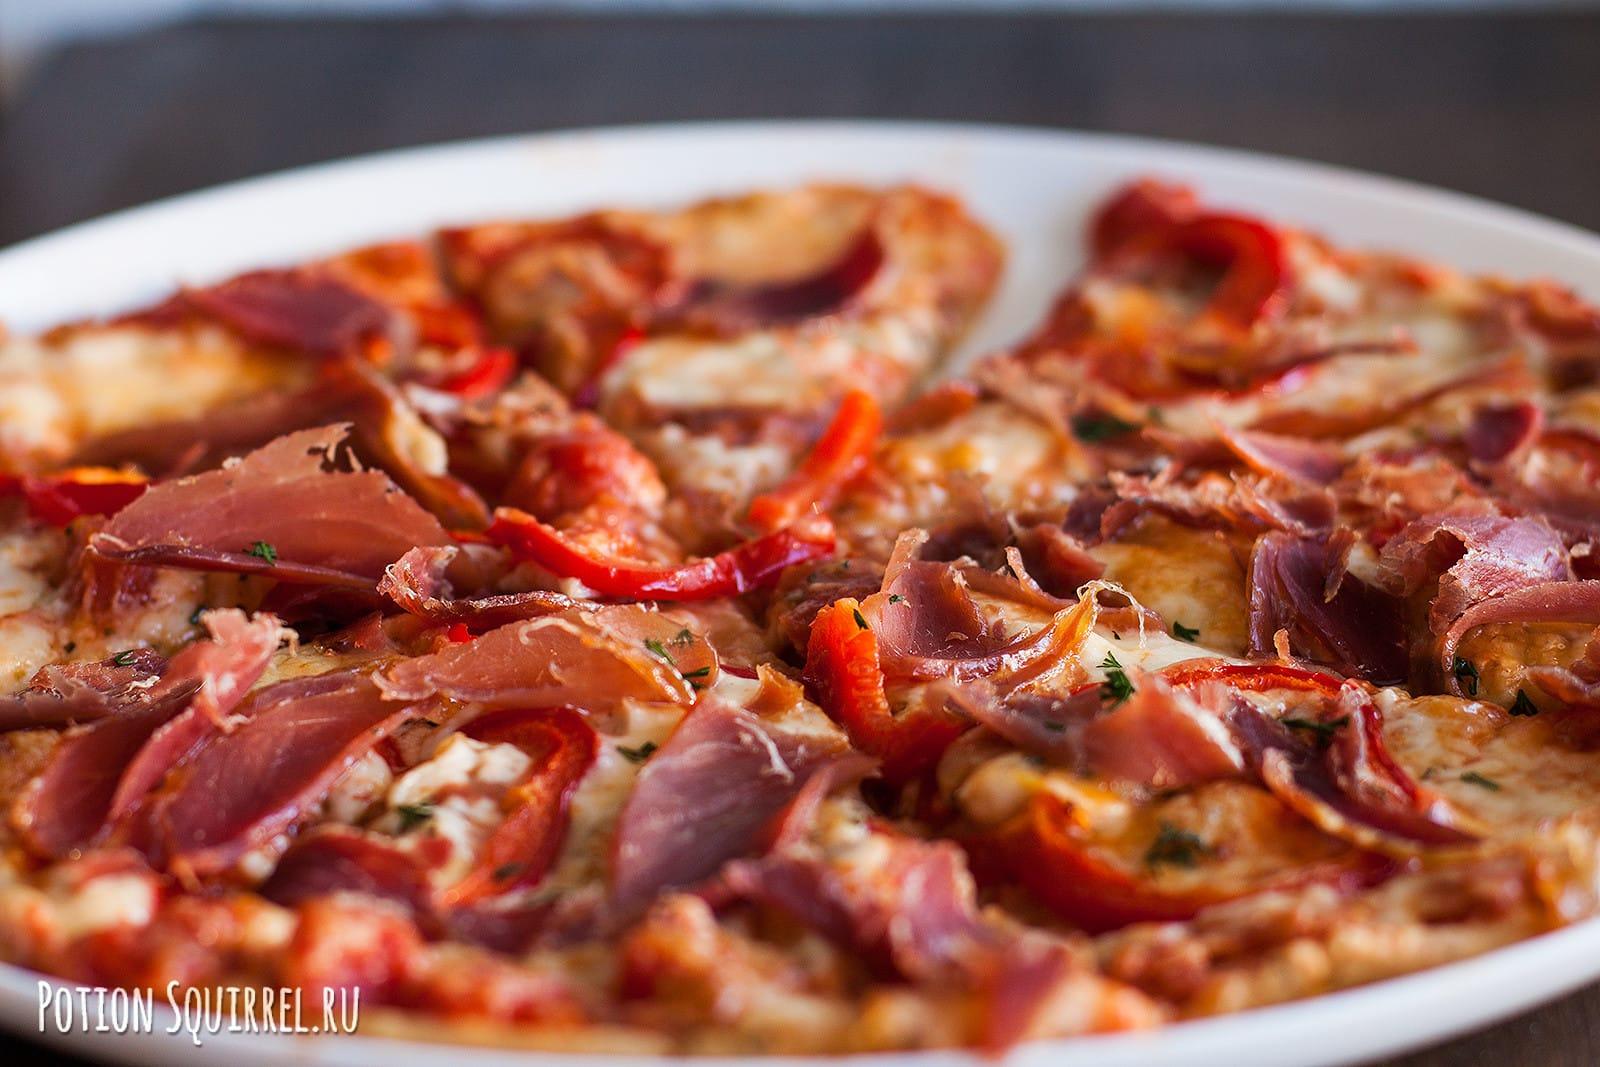 Сочная пицца с двумя видами сыра, ветчиной и перцем по рецепту от potionsquirrel.ru